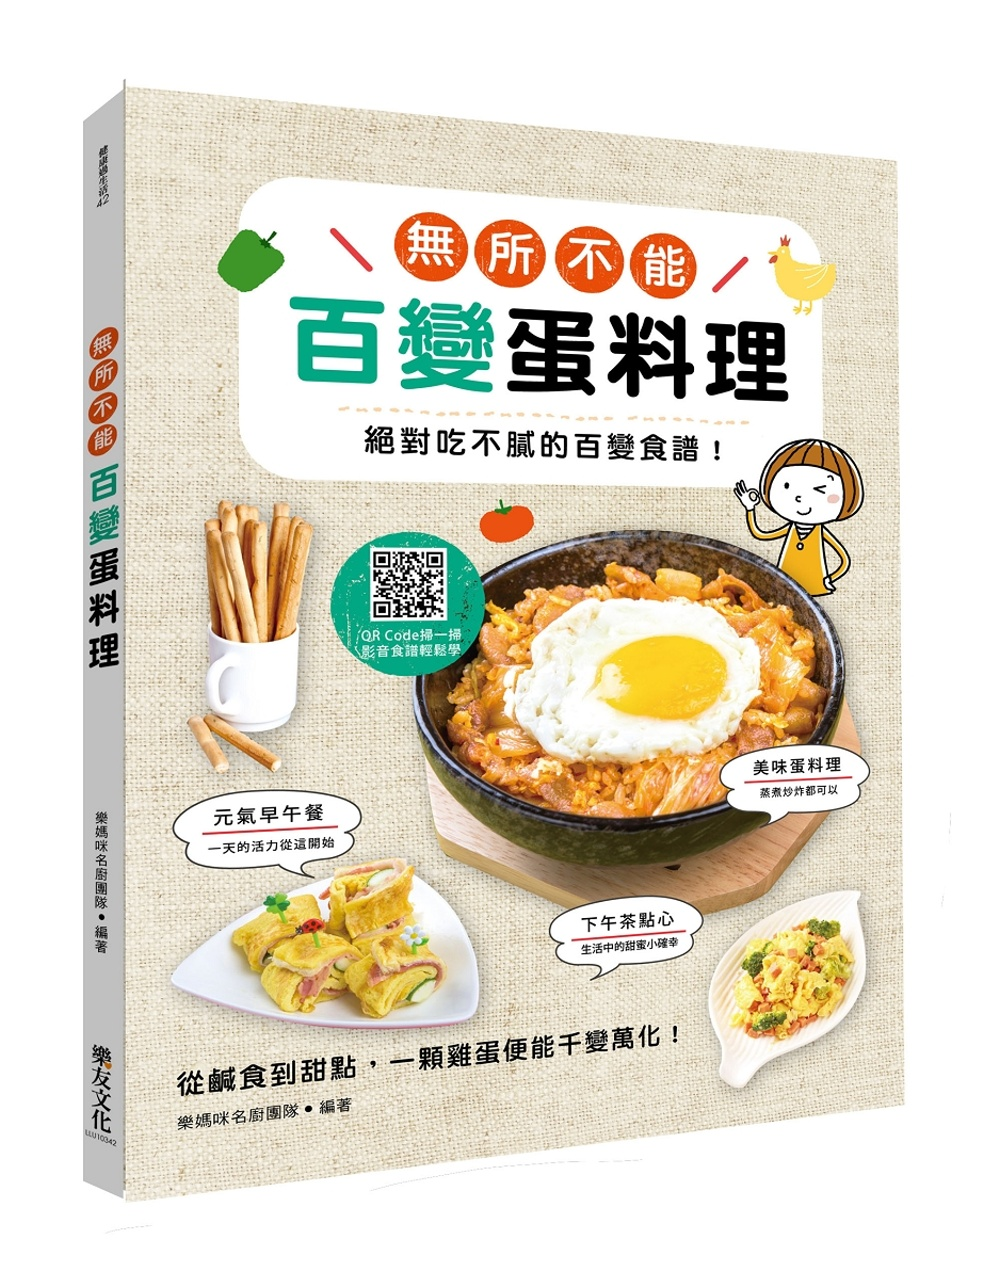 無所不能百變蛋料理:絕對吃不膩的百變食譜!